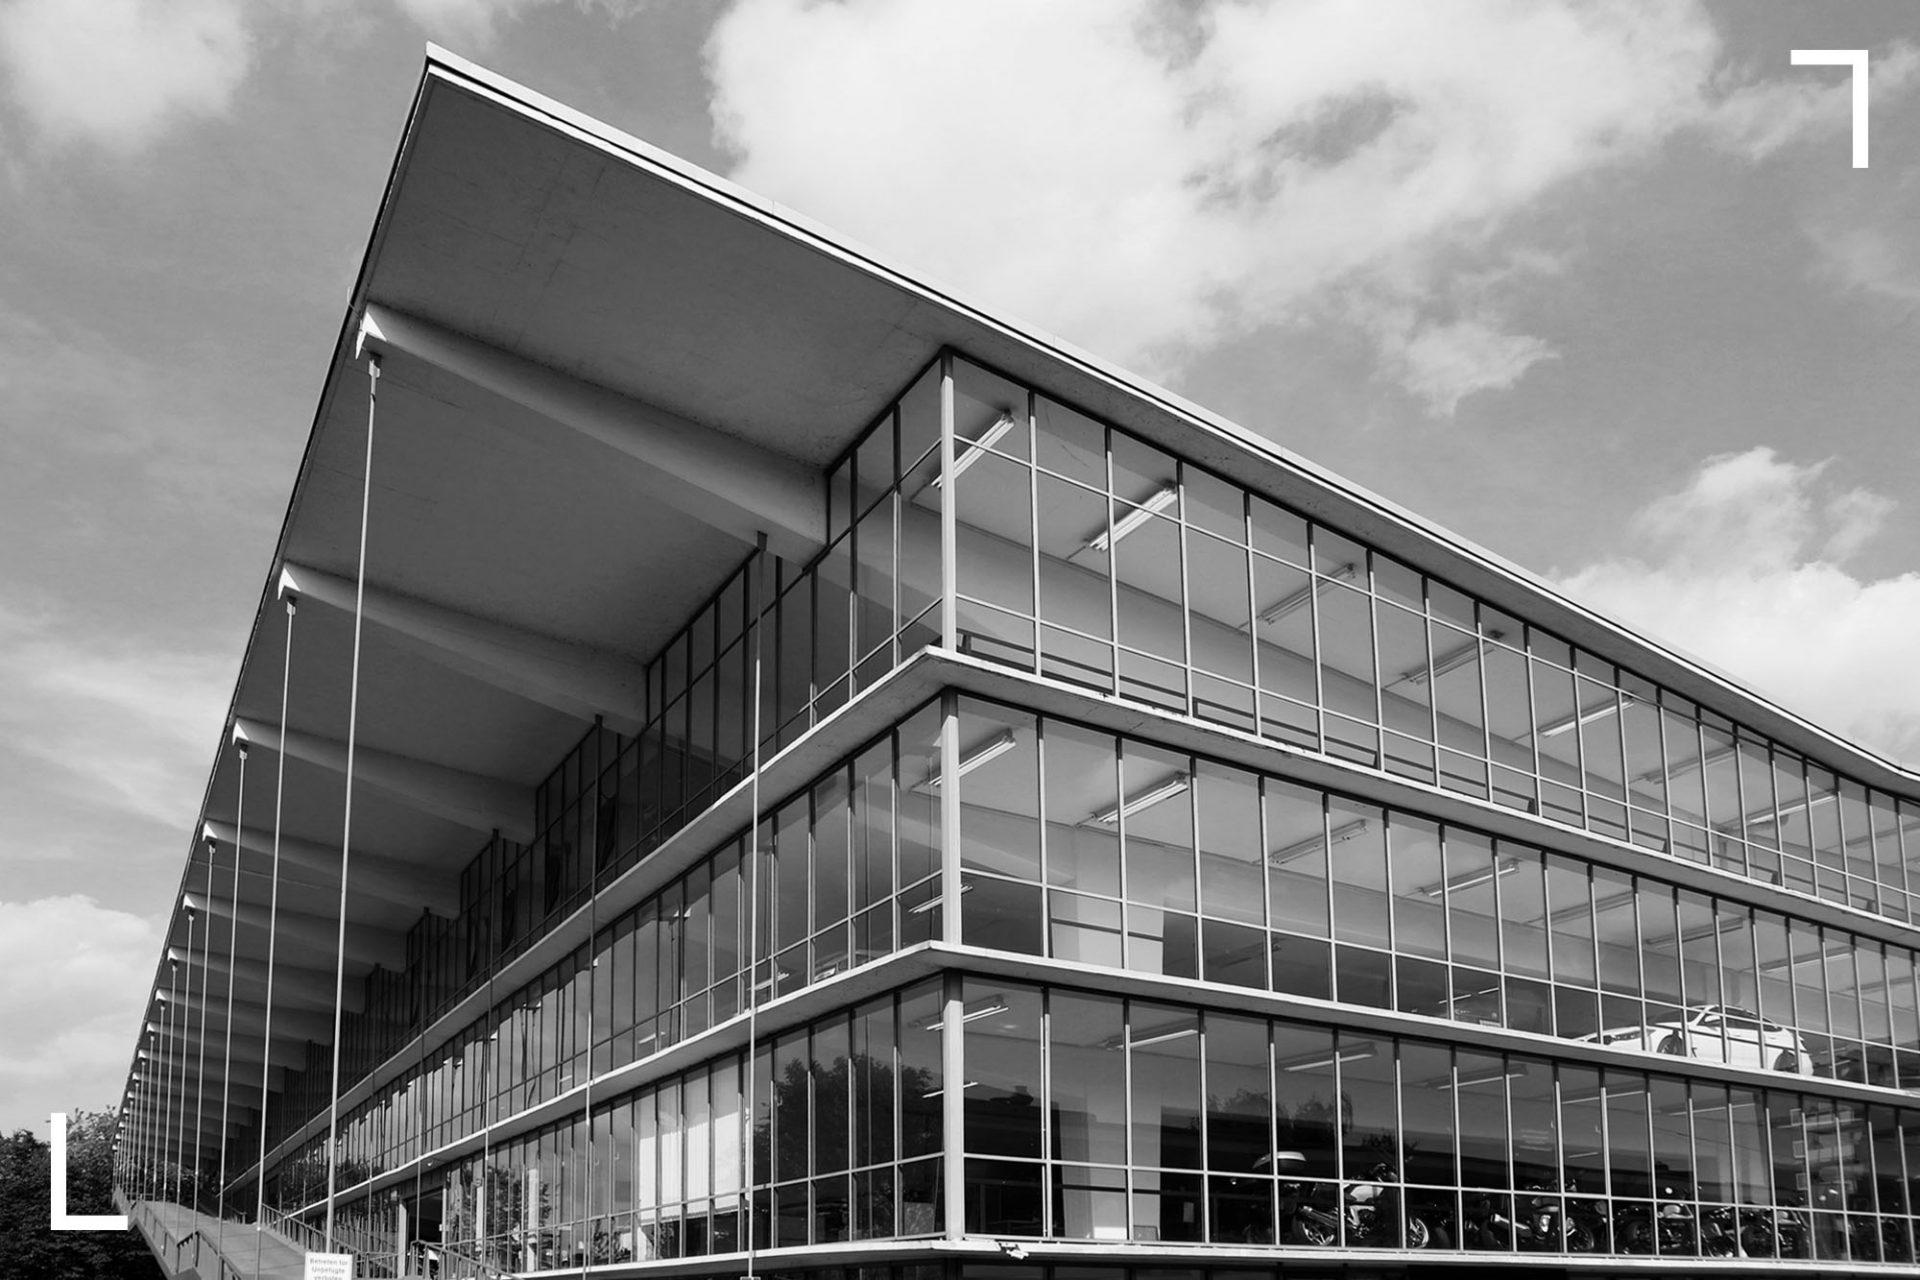 Die Haniel-Garage. wurde 1951 als erstes Parkhaus Deutschlands erbaut. Das Ensemble mit einem Motel war ein spektakuläres Novum in der jungen BRD und ganz im Sinne der autogerechten Stadt. Beim Besuch unbedingt auf die außenliegenden Auffahrtsrampen und den filigranen Gesamteindruck achten – trotz enormer Reklameorgie immer noch spür- und sehbar. 1985 wurde der Bau unter Denkmalschutz gestellt und 1992/1993 saniert. Die Sanierung erhielt eine Auszeichnung beim Deutschen Architekturpreis 1997.